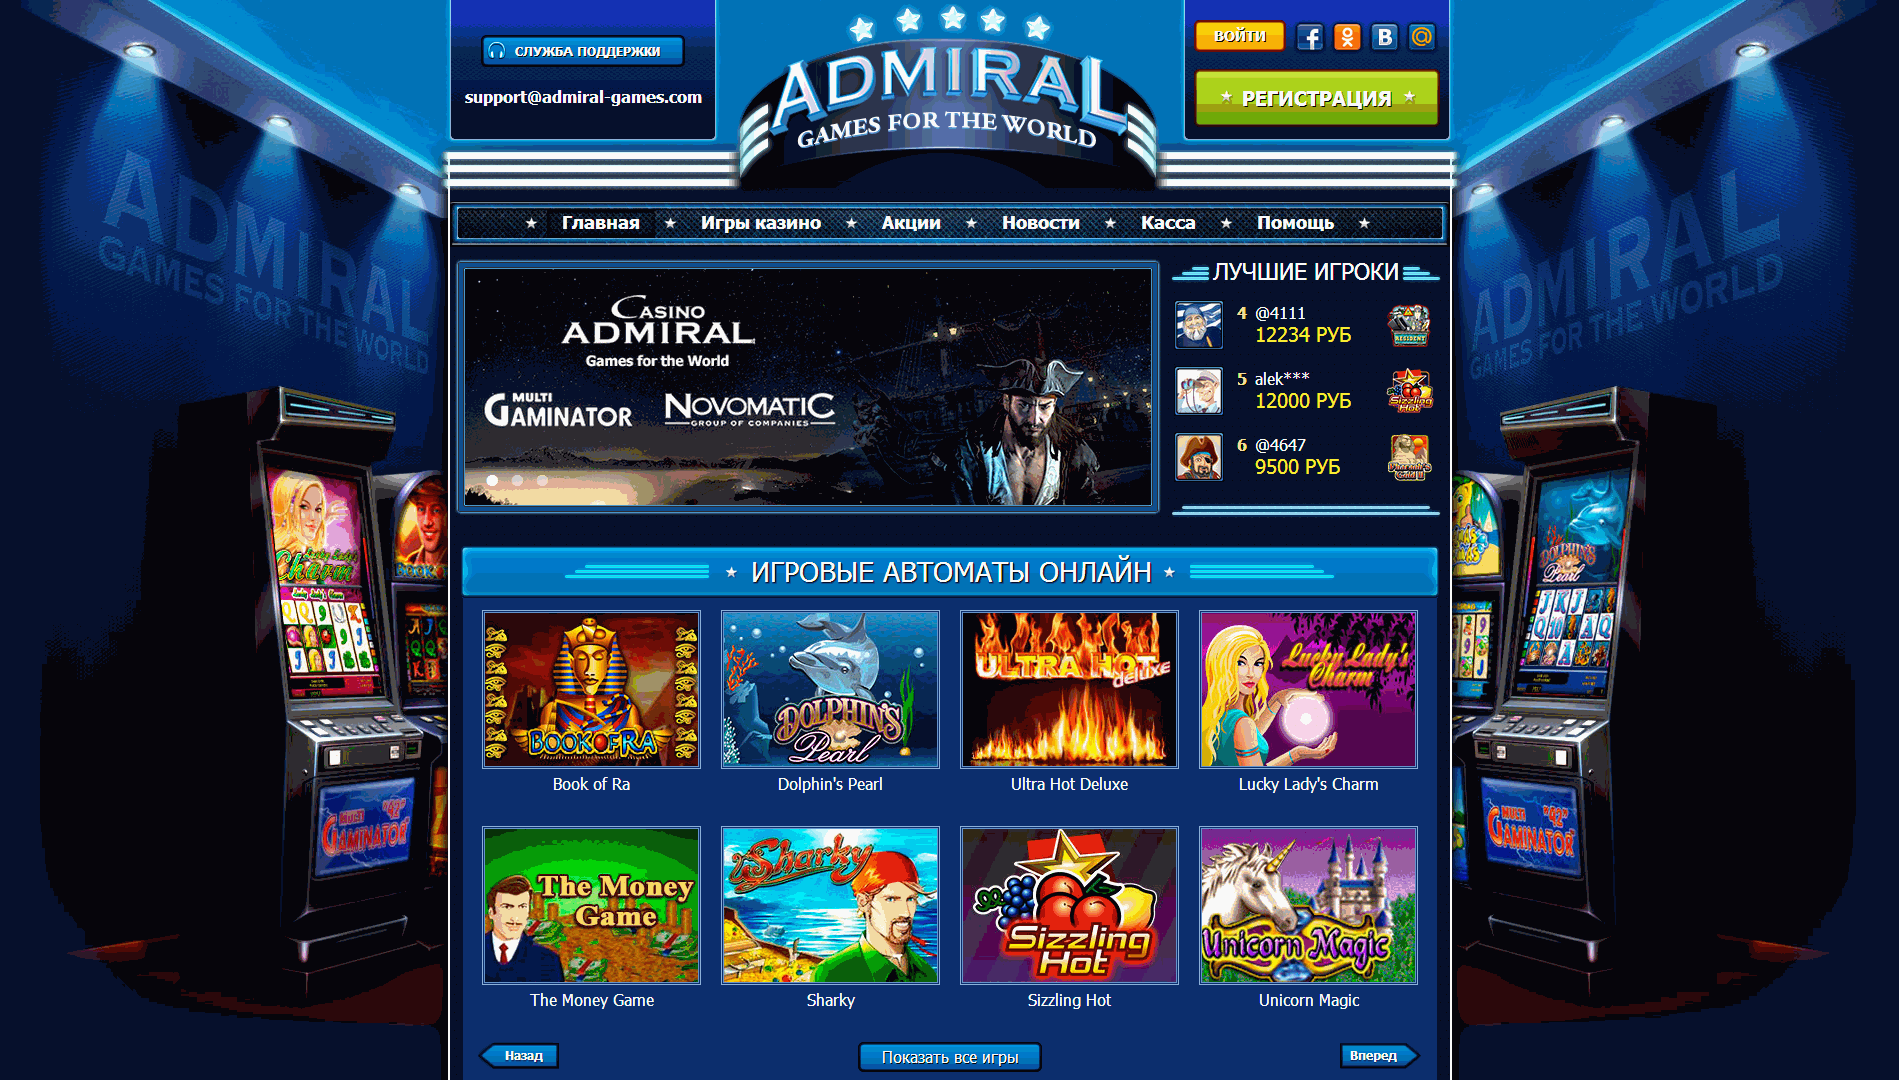 проверенные игровые автоматы онлайн